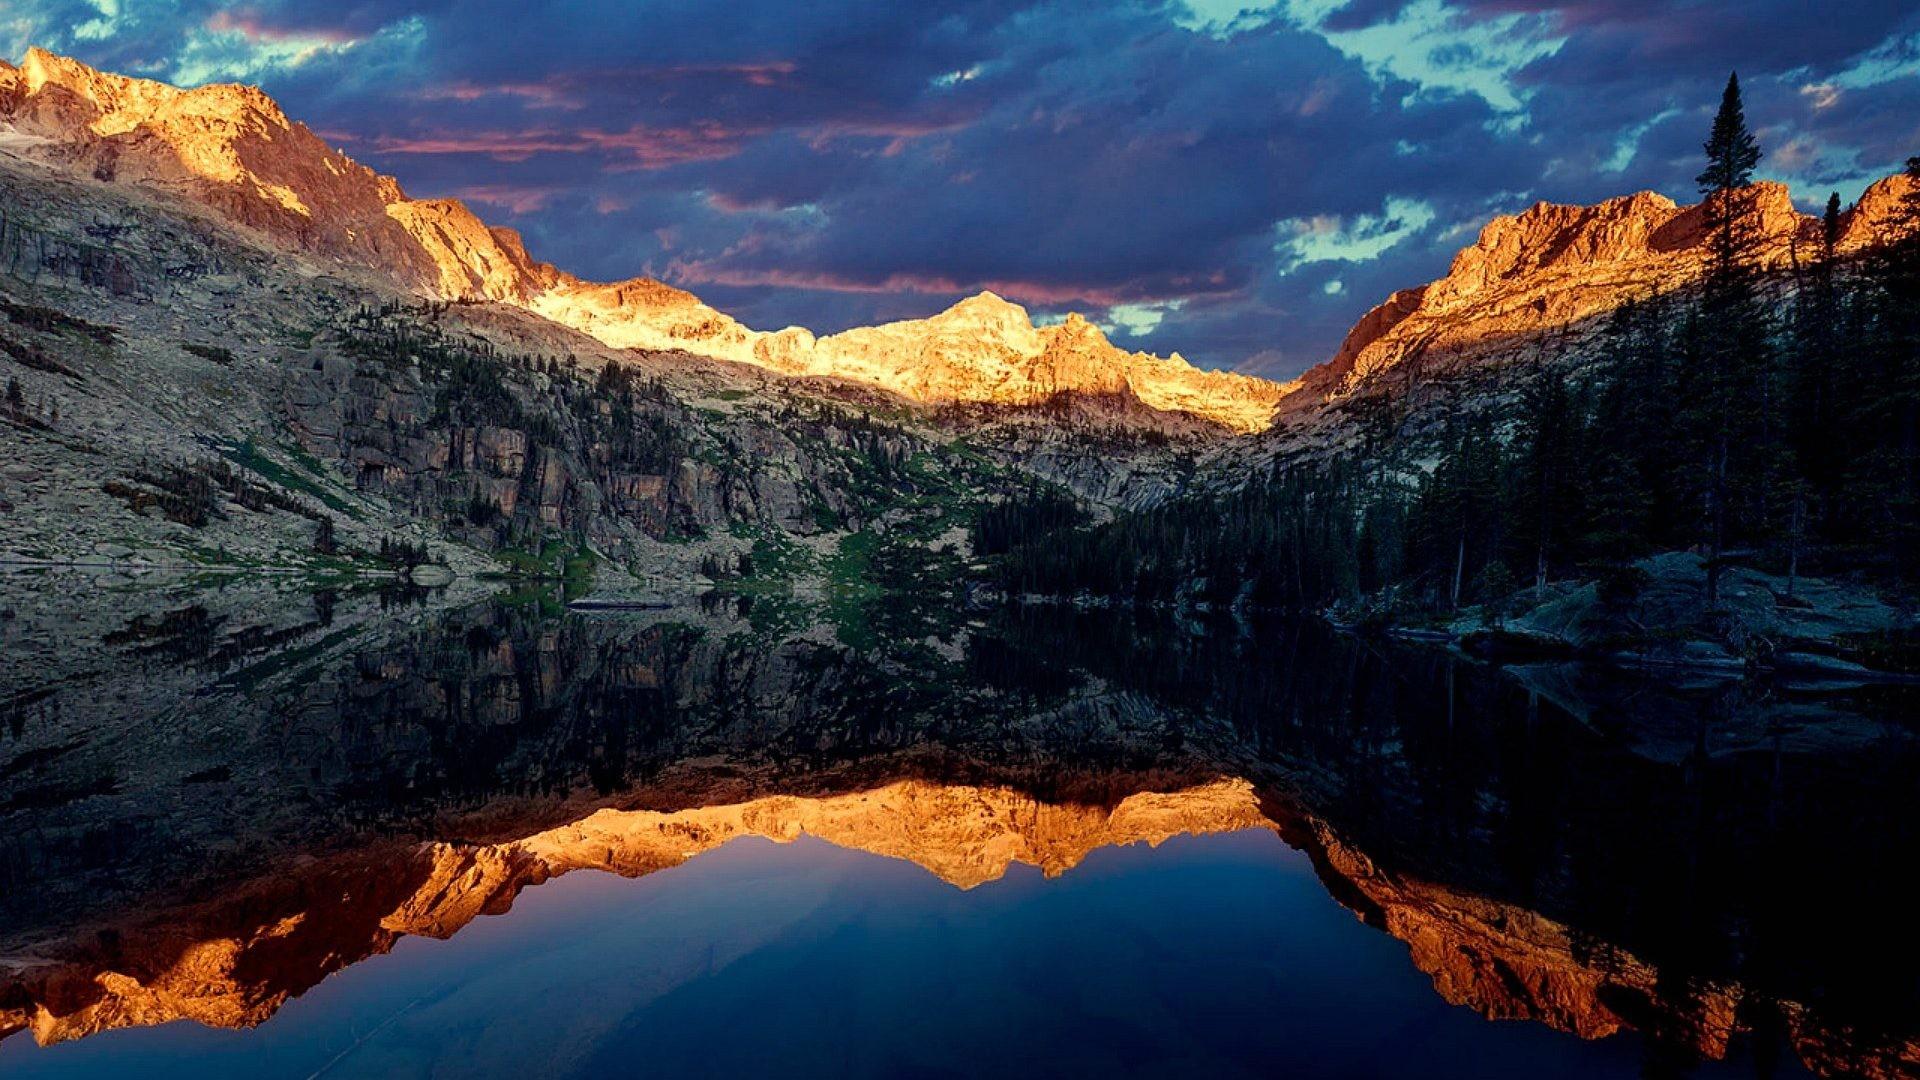 Colorado rockies wallpapers 49 images - Colorado desktop background ...